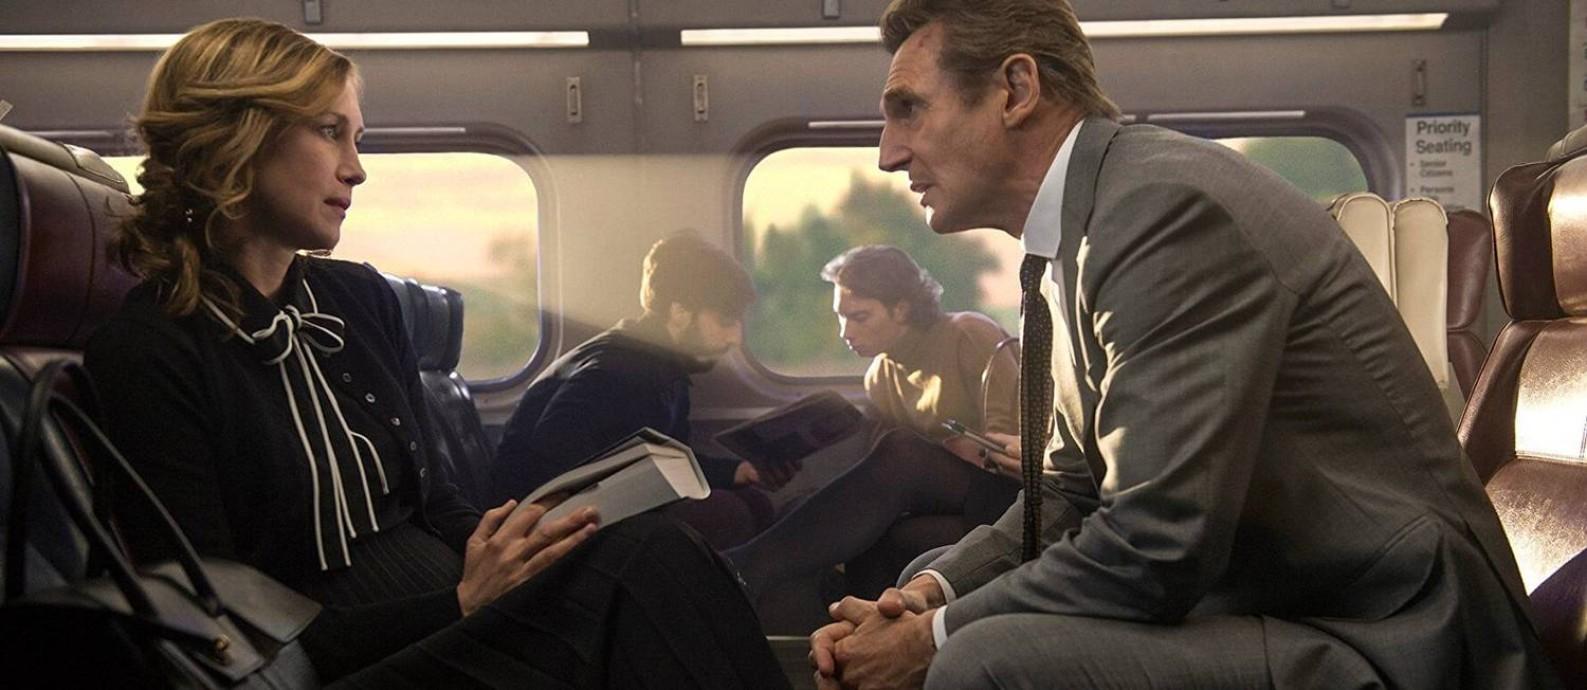 Cena do filme 'O passageiro' Foto: Divulgação